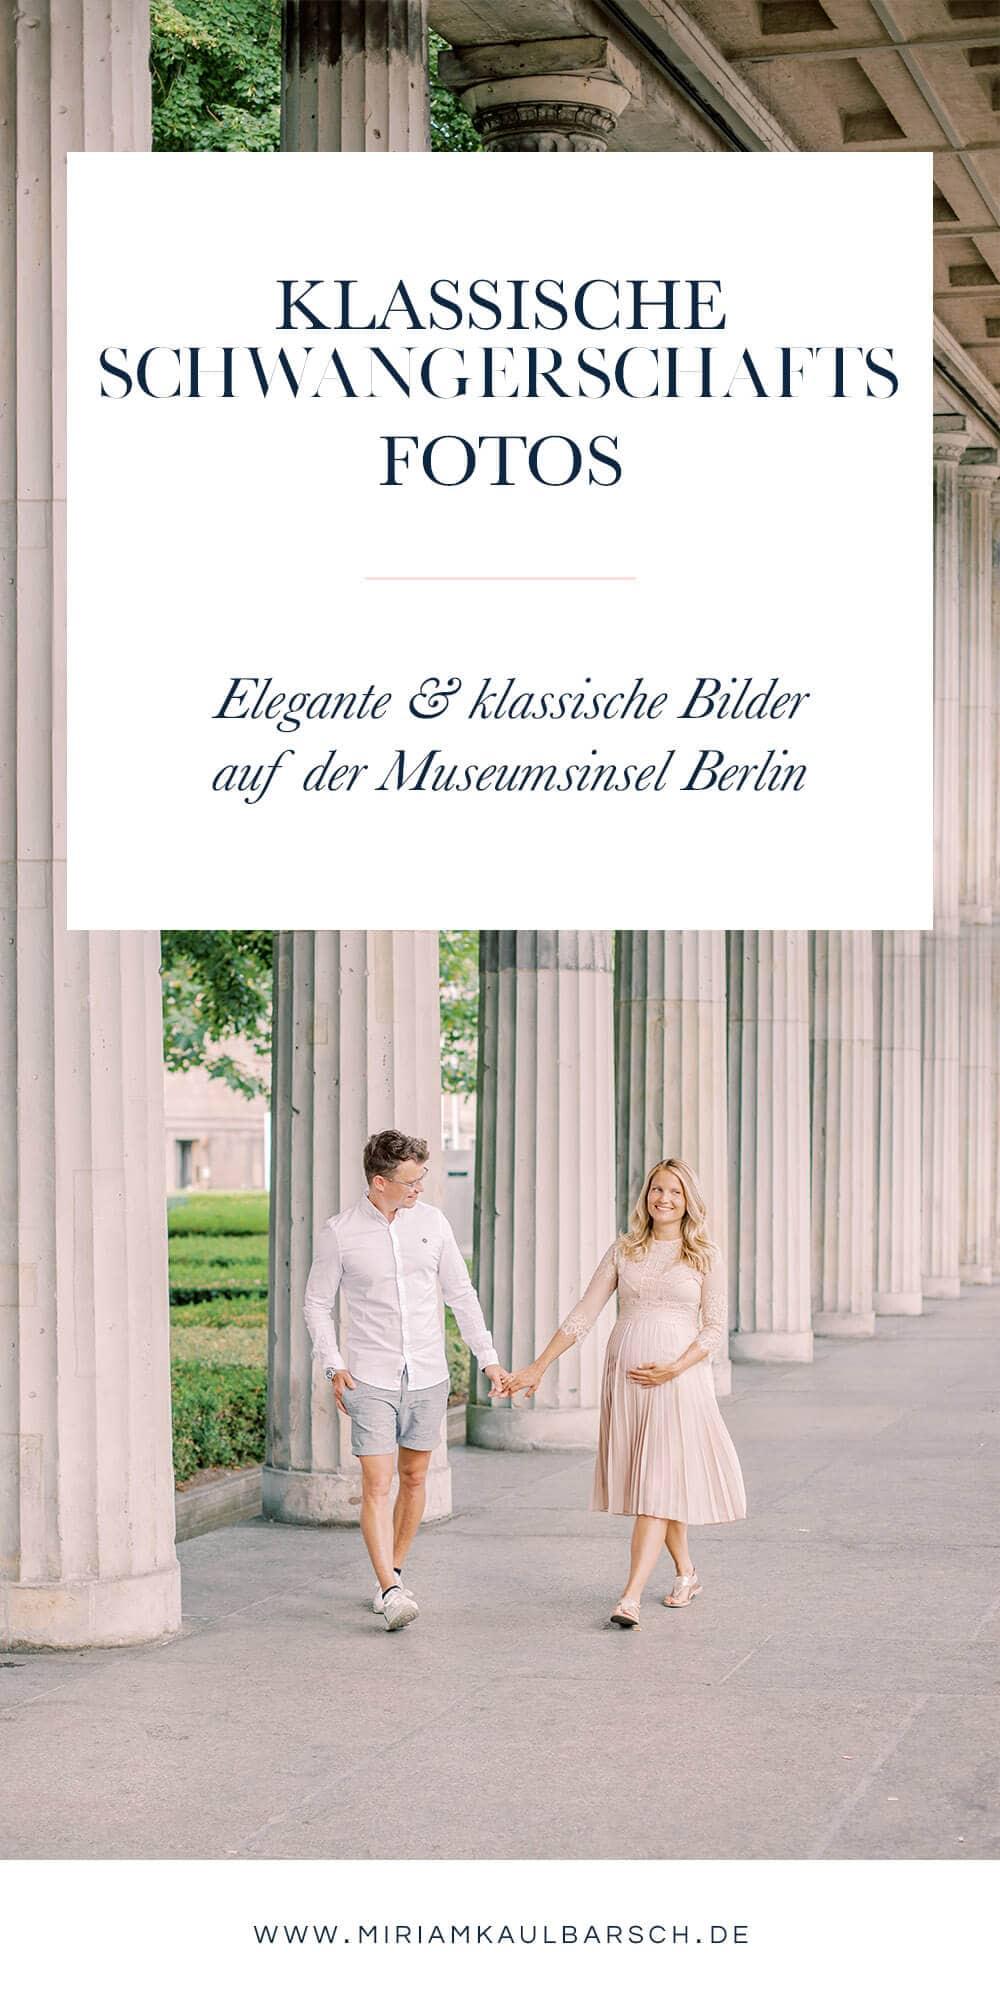 Klassischer Schwangerschaftsfotos in Berlin